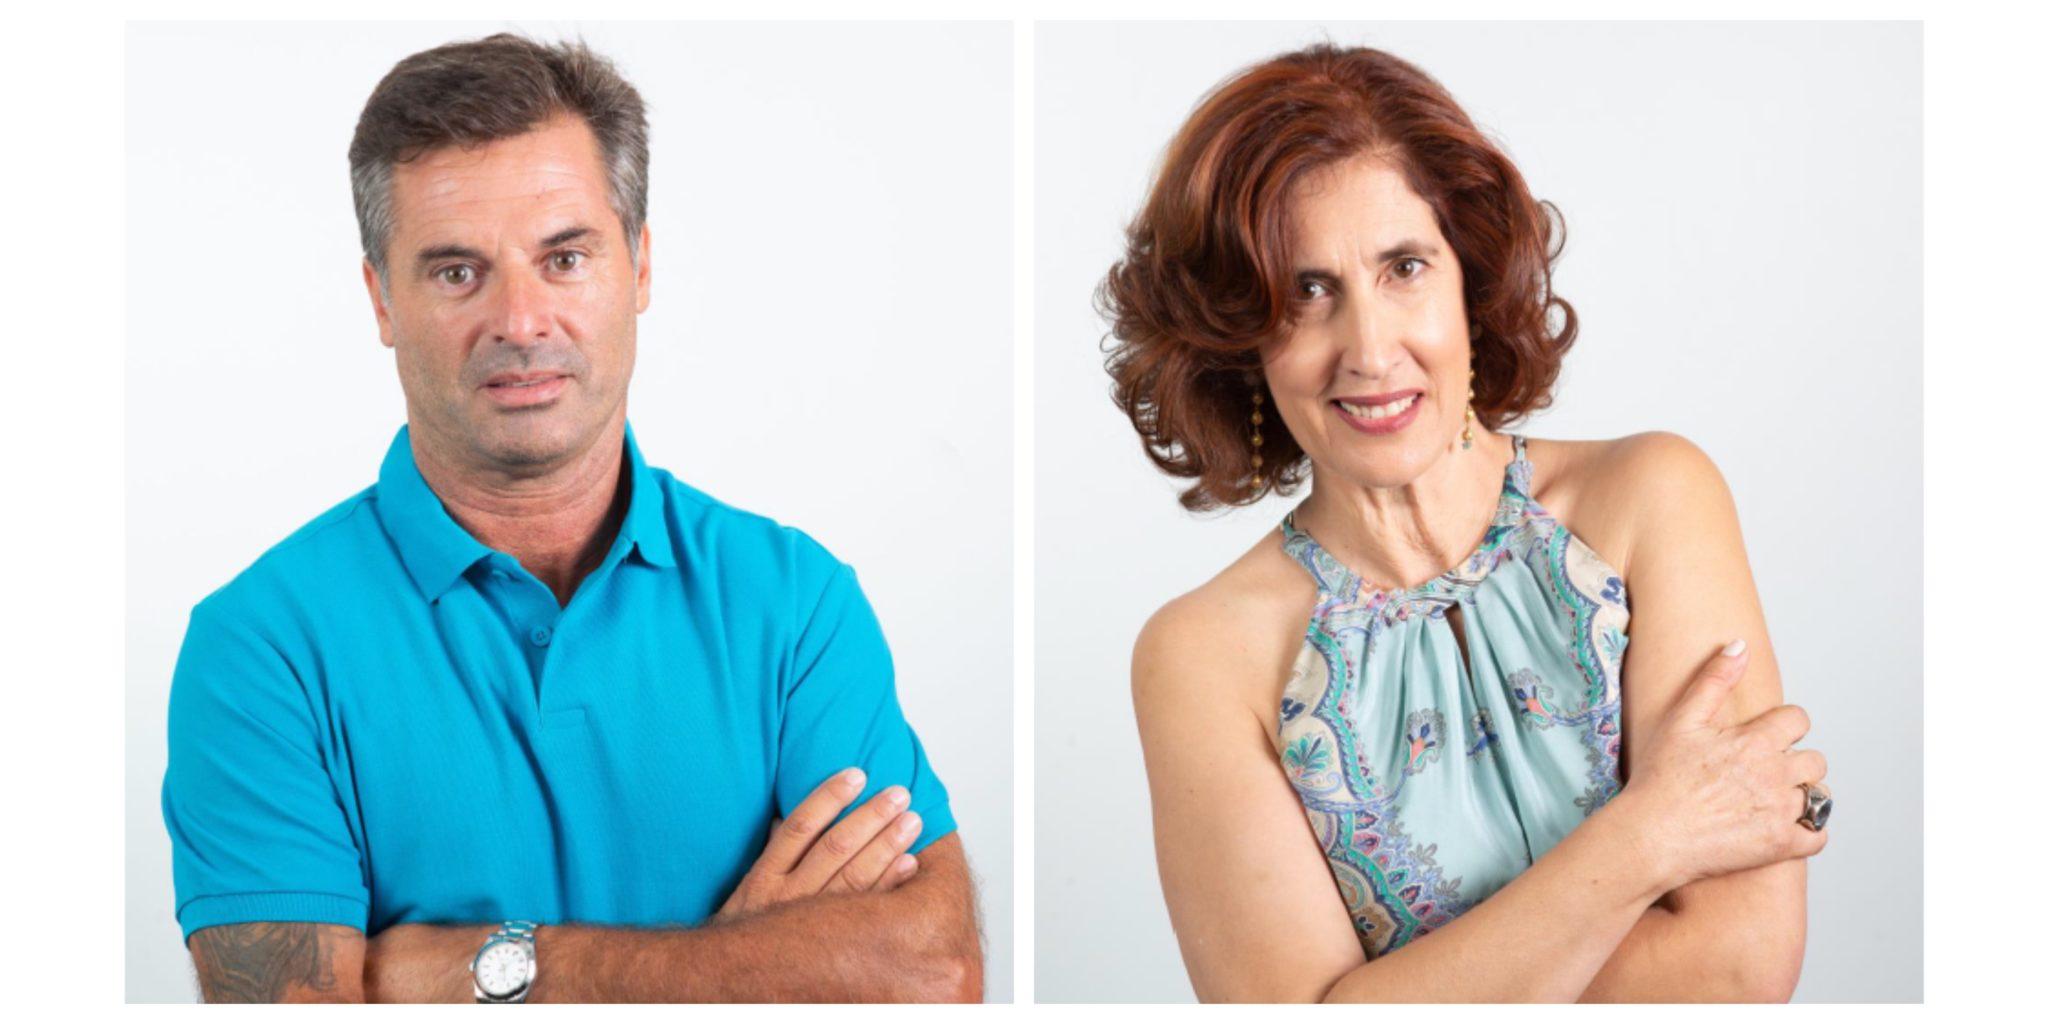 Casados A Primeira Vista Francisco Graca Noivos De 'Casados À Primeira Vista' São Aposta No Novo Reality Show